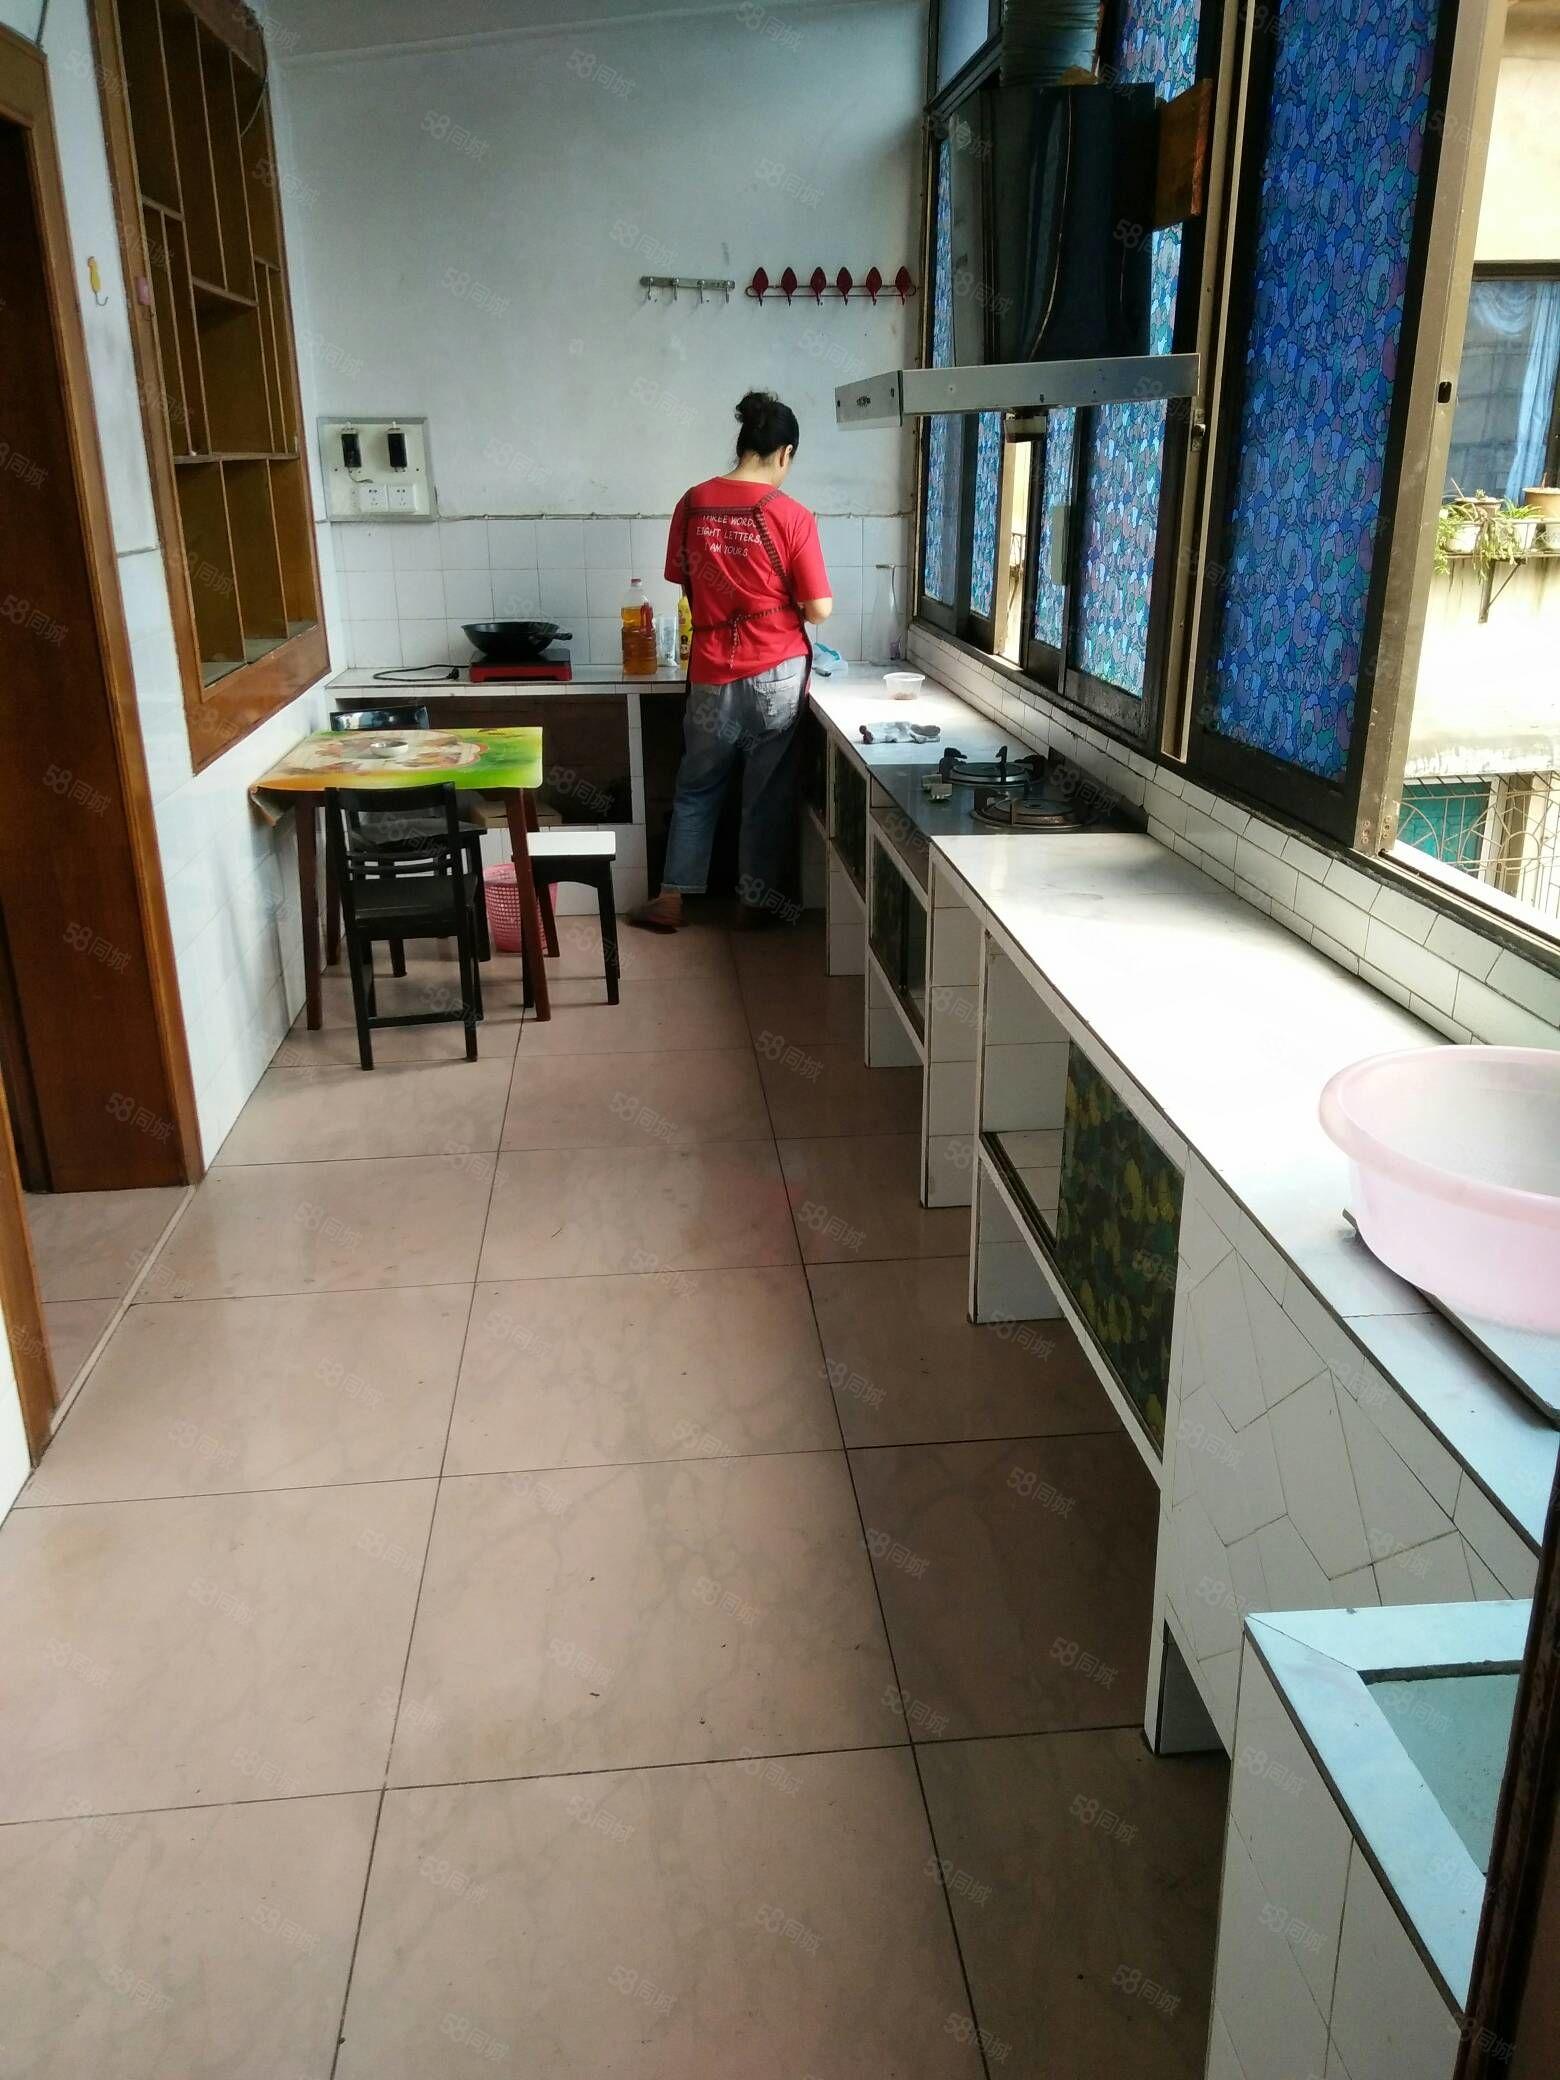 房?#28216;?#20110;杨柳井5楼,3室2厅1厨1卫,家具家电齐全。